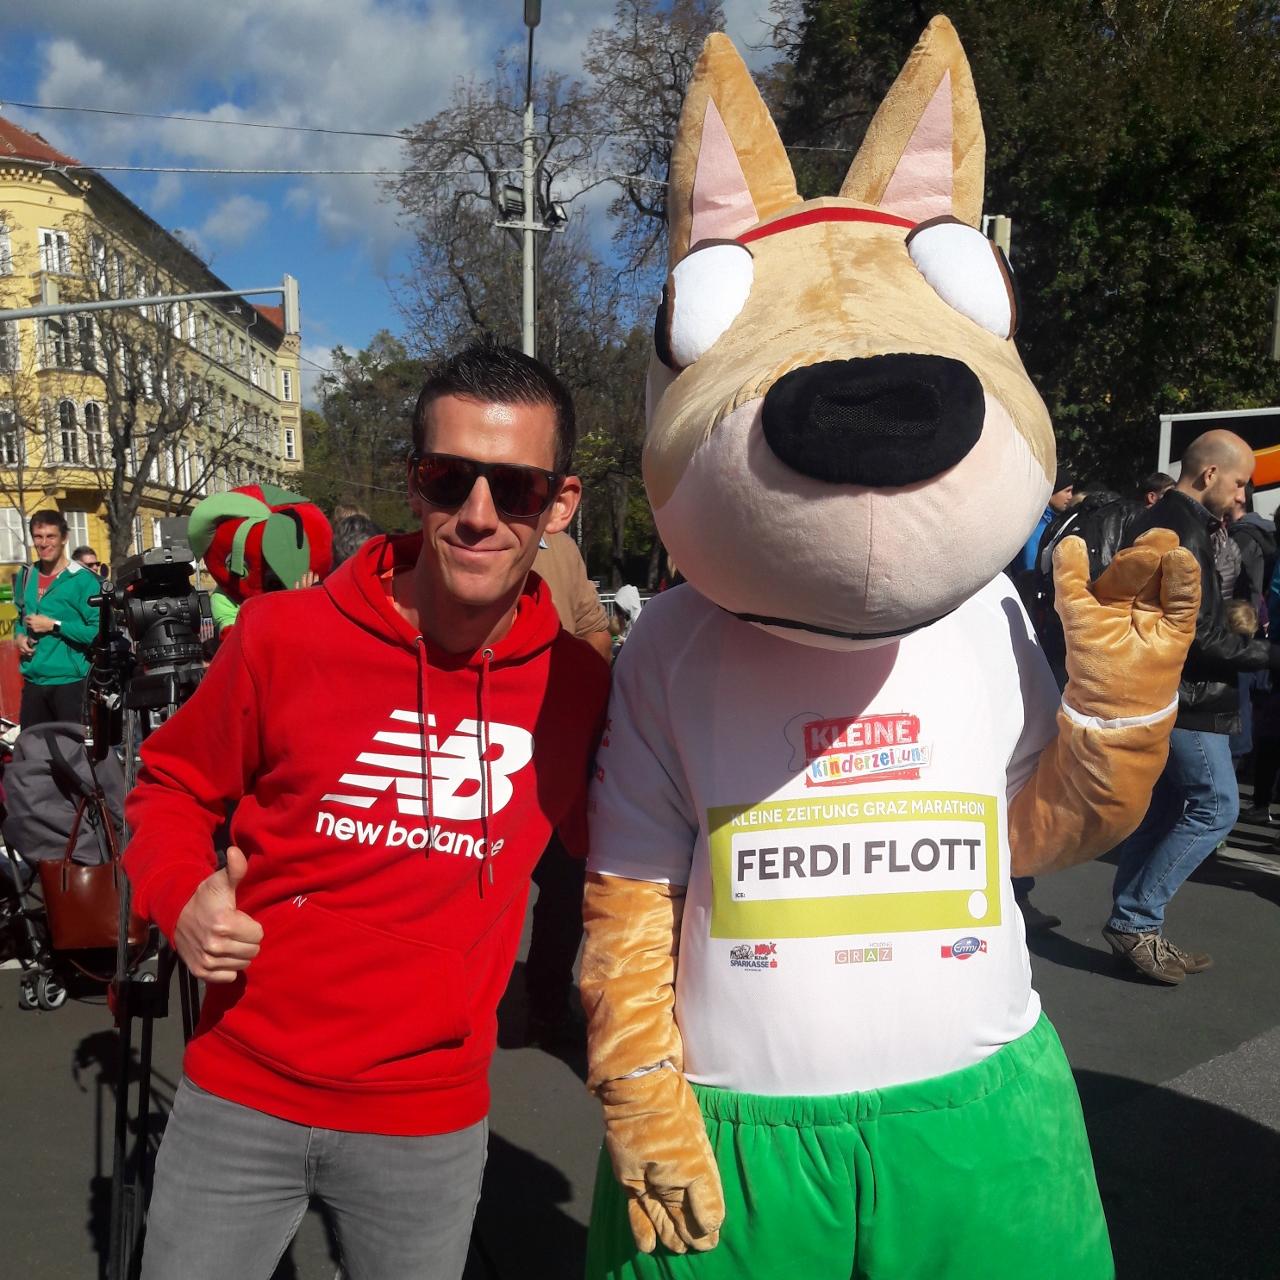 Viele strahlende Gesichter beim Graz Marathon 2017